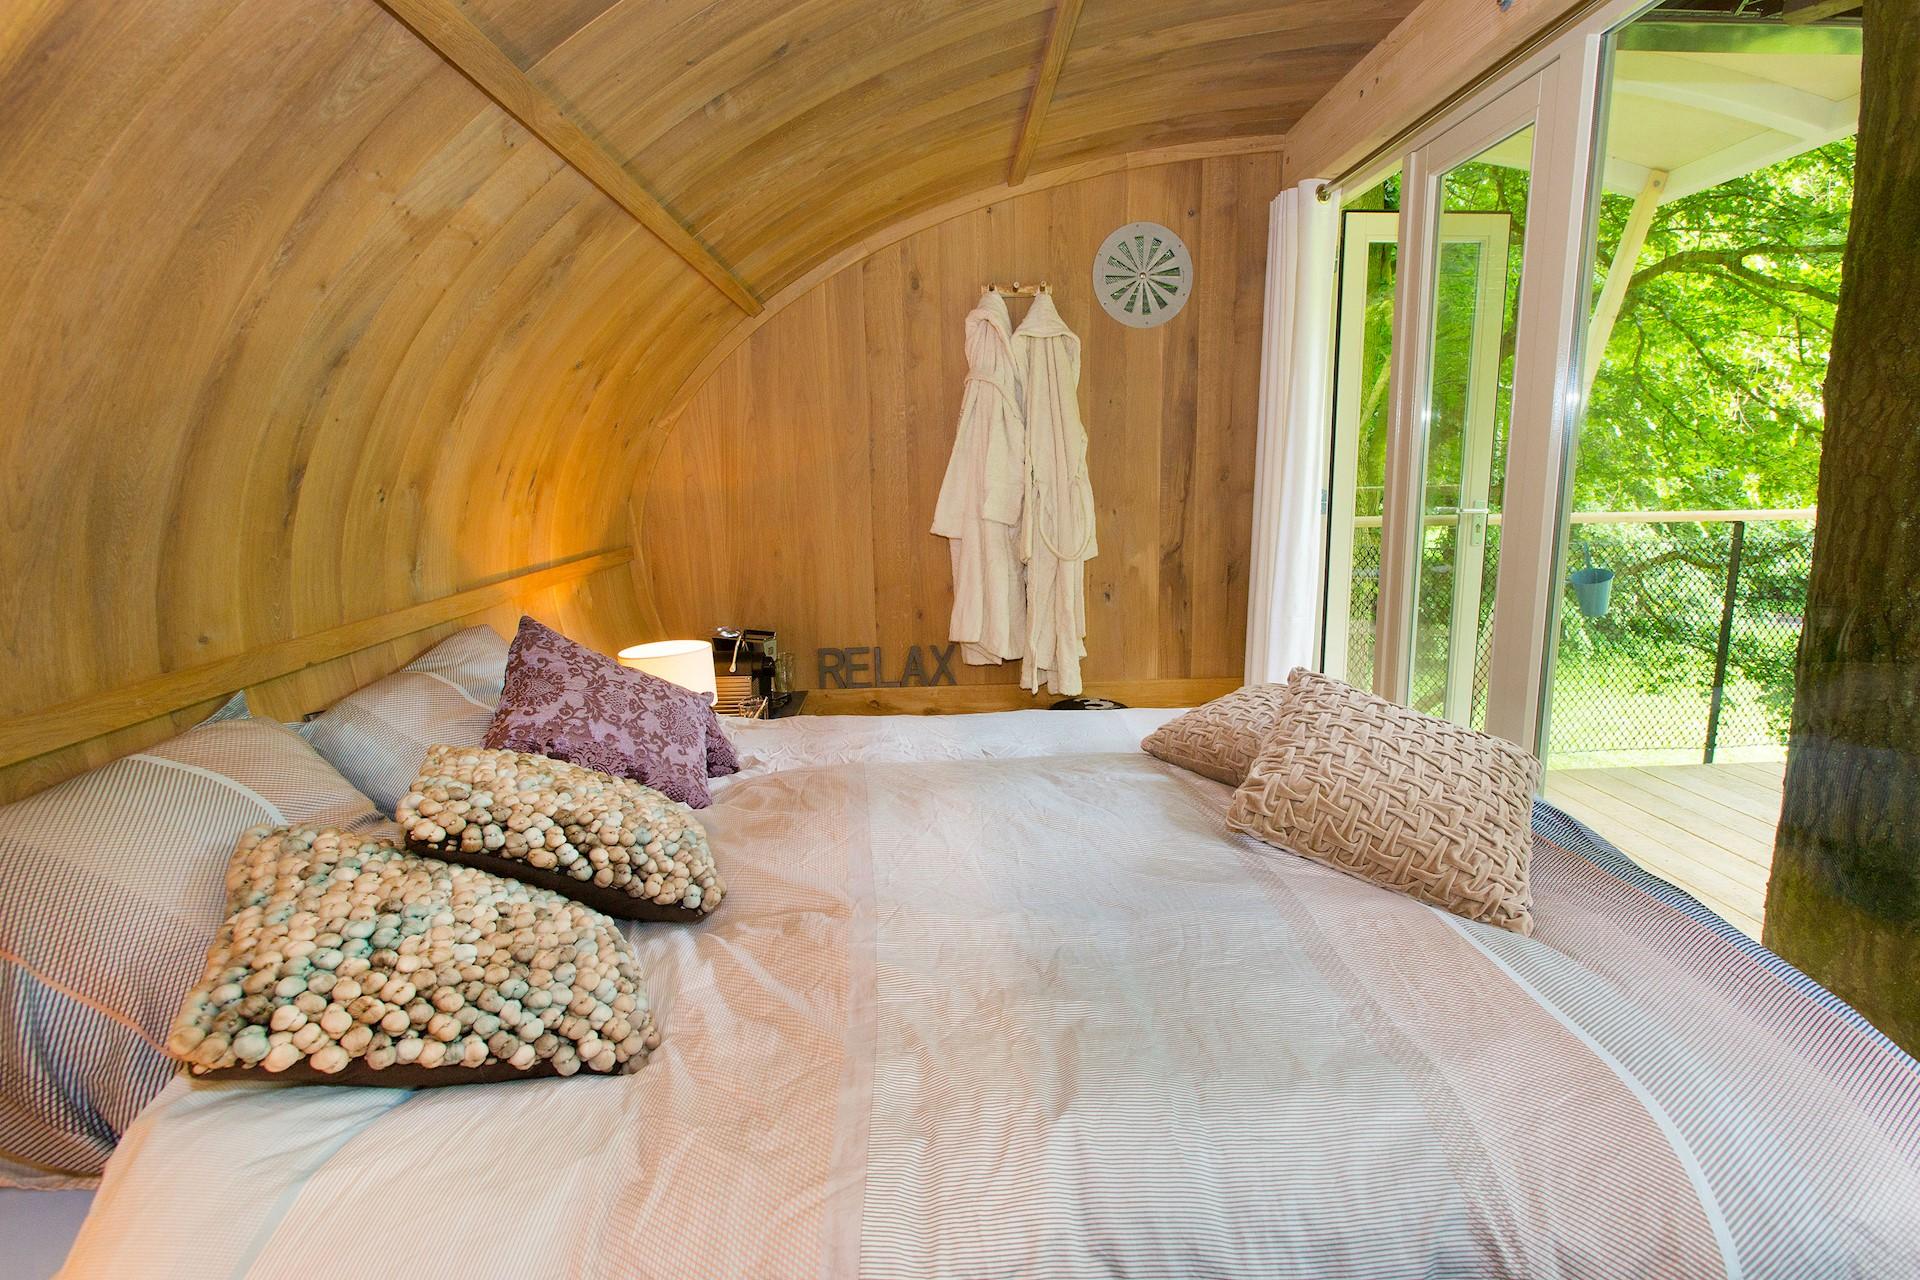 slapen in een boomhut - overnachten in een boomhut - bijzonder overnachten - overnachten in de natuur - boomhutten nederland